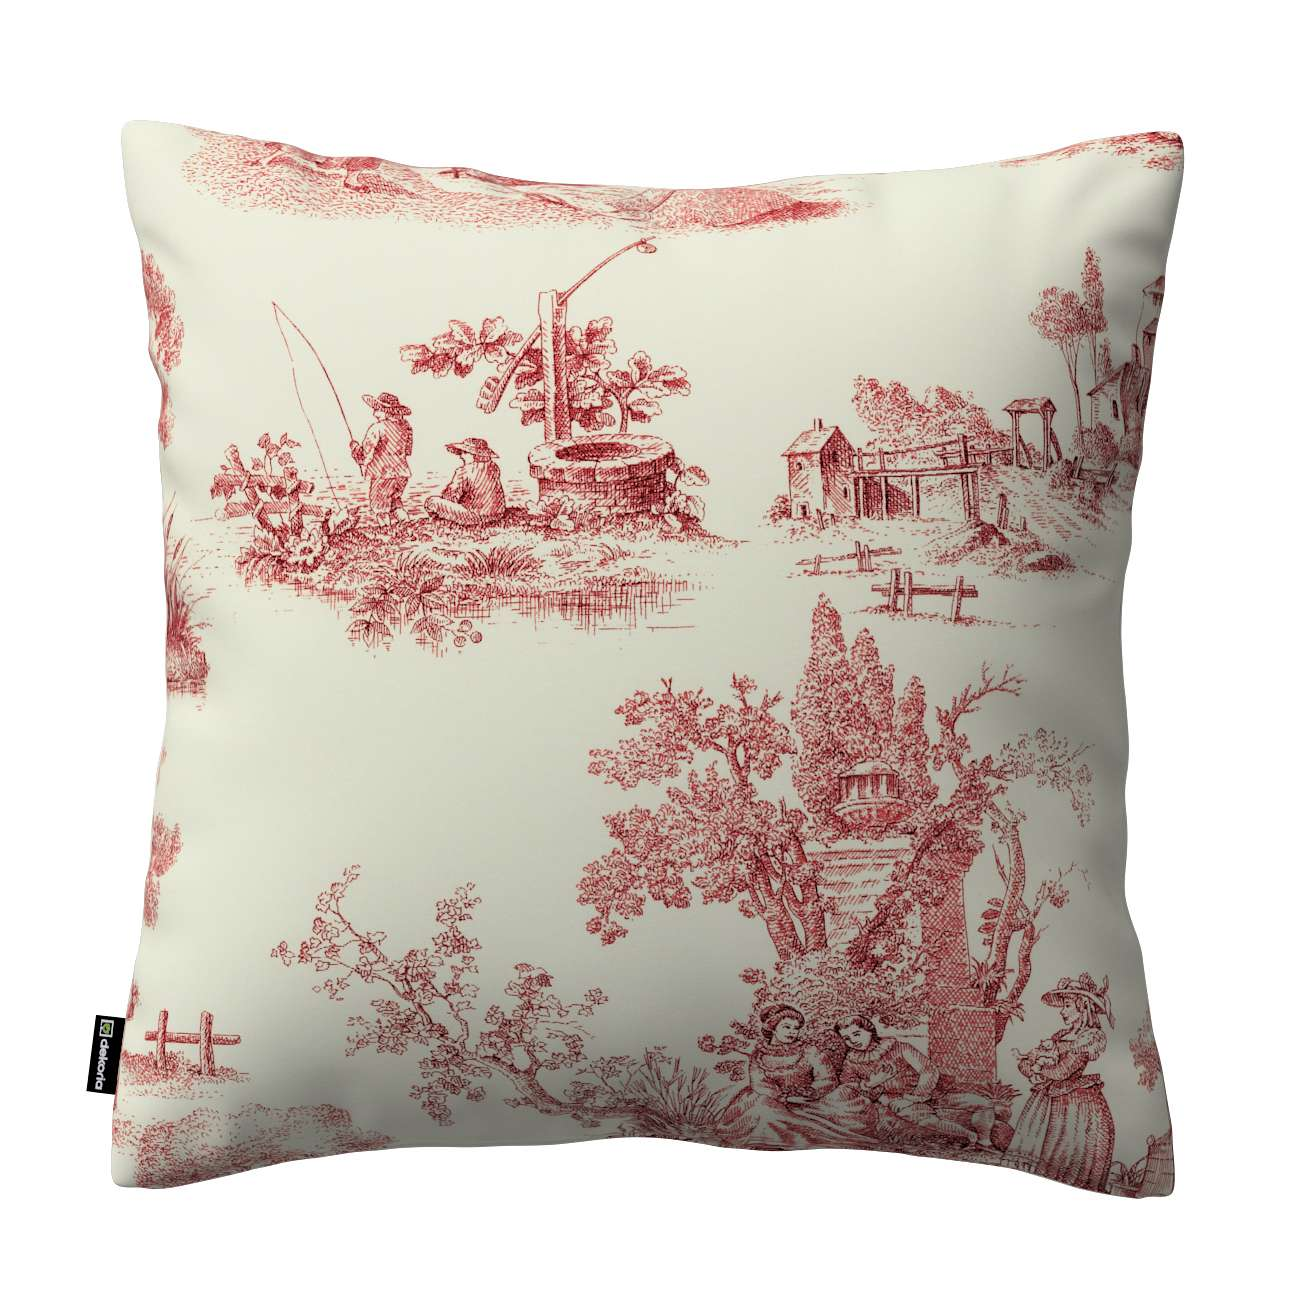 Poszewka Kinga na poduszkę w kolekcji Avinon, tkanina: 132-15